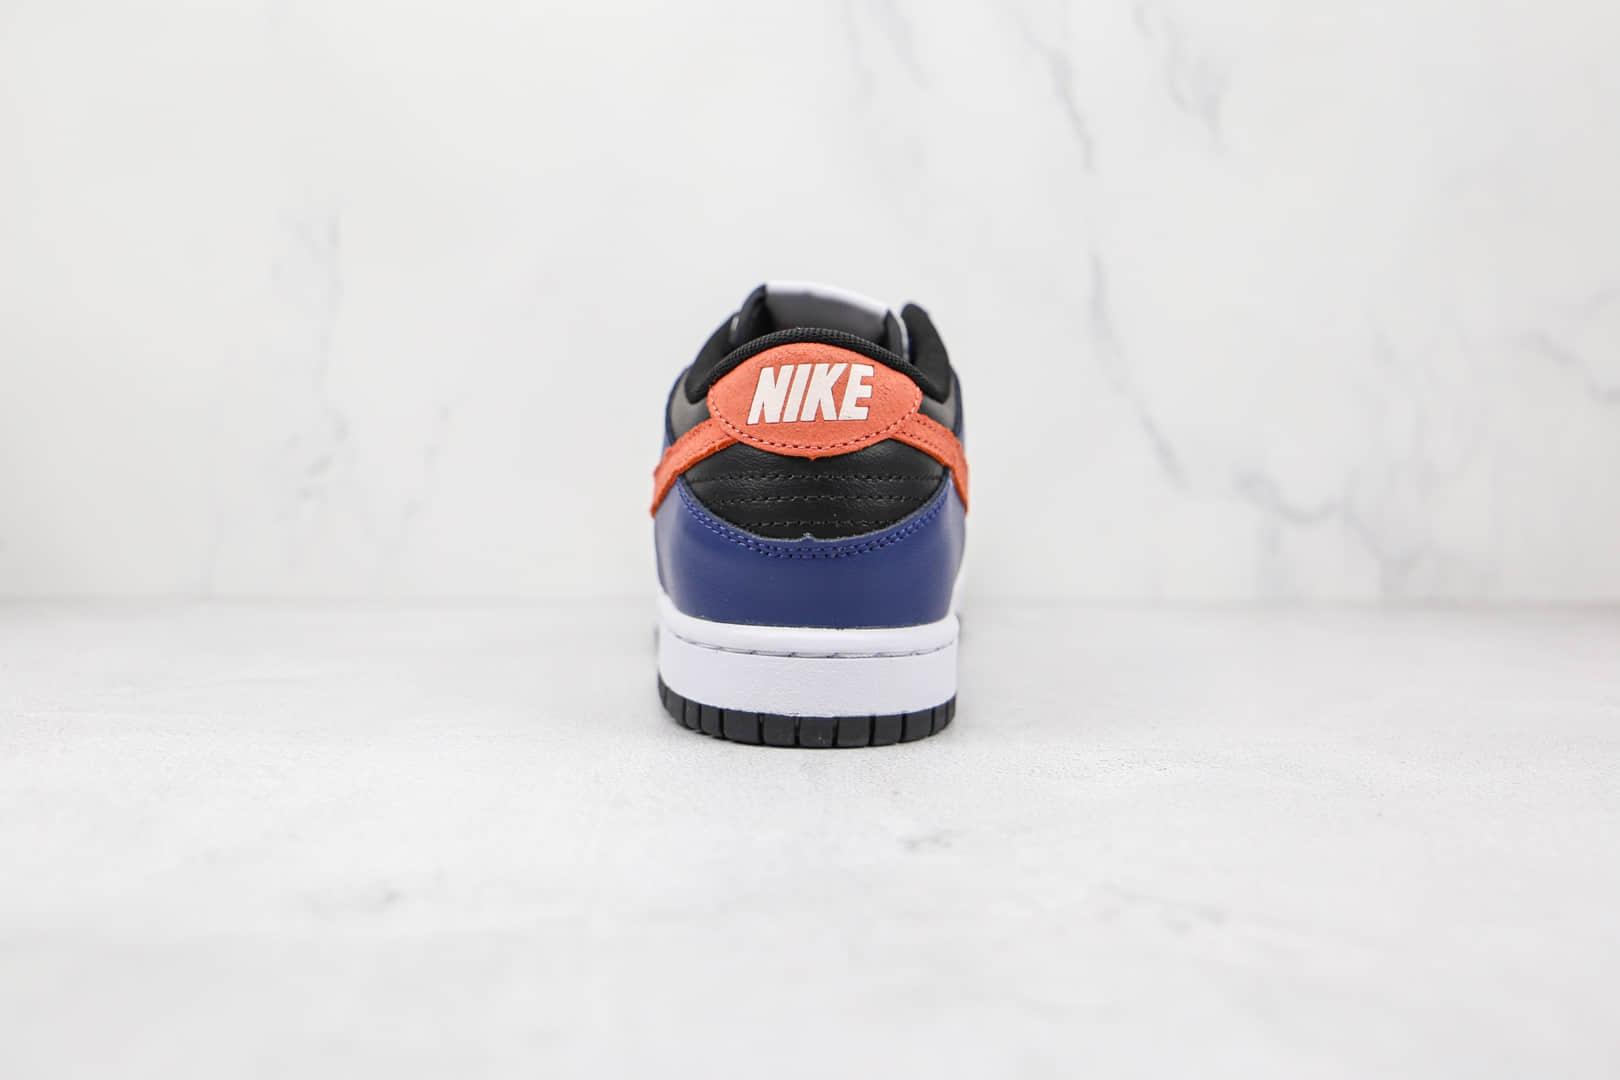 耐克Nike Dunk Low EKIN纯原版本低帮DUNK灰蓝黑橙彩色拼接板鞋原盒原标 货号:DC7454-100